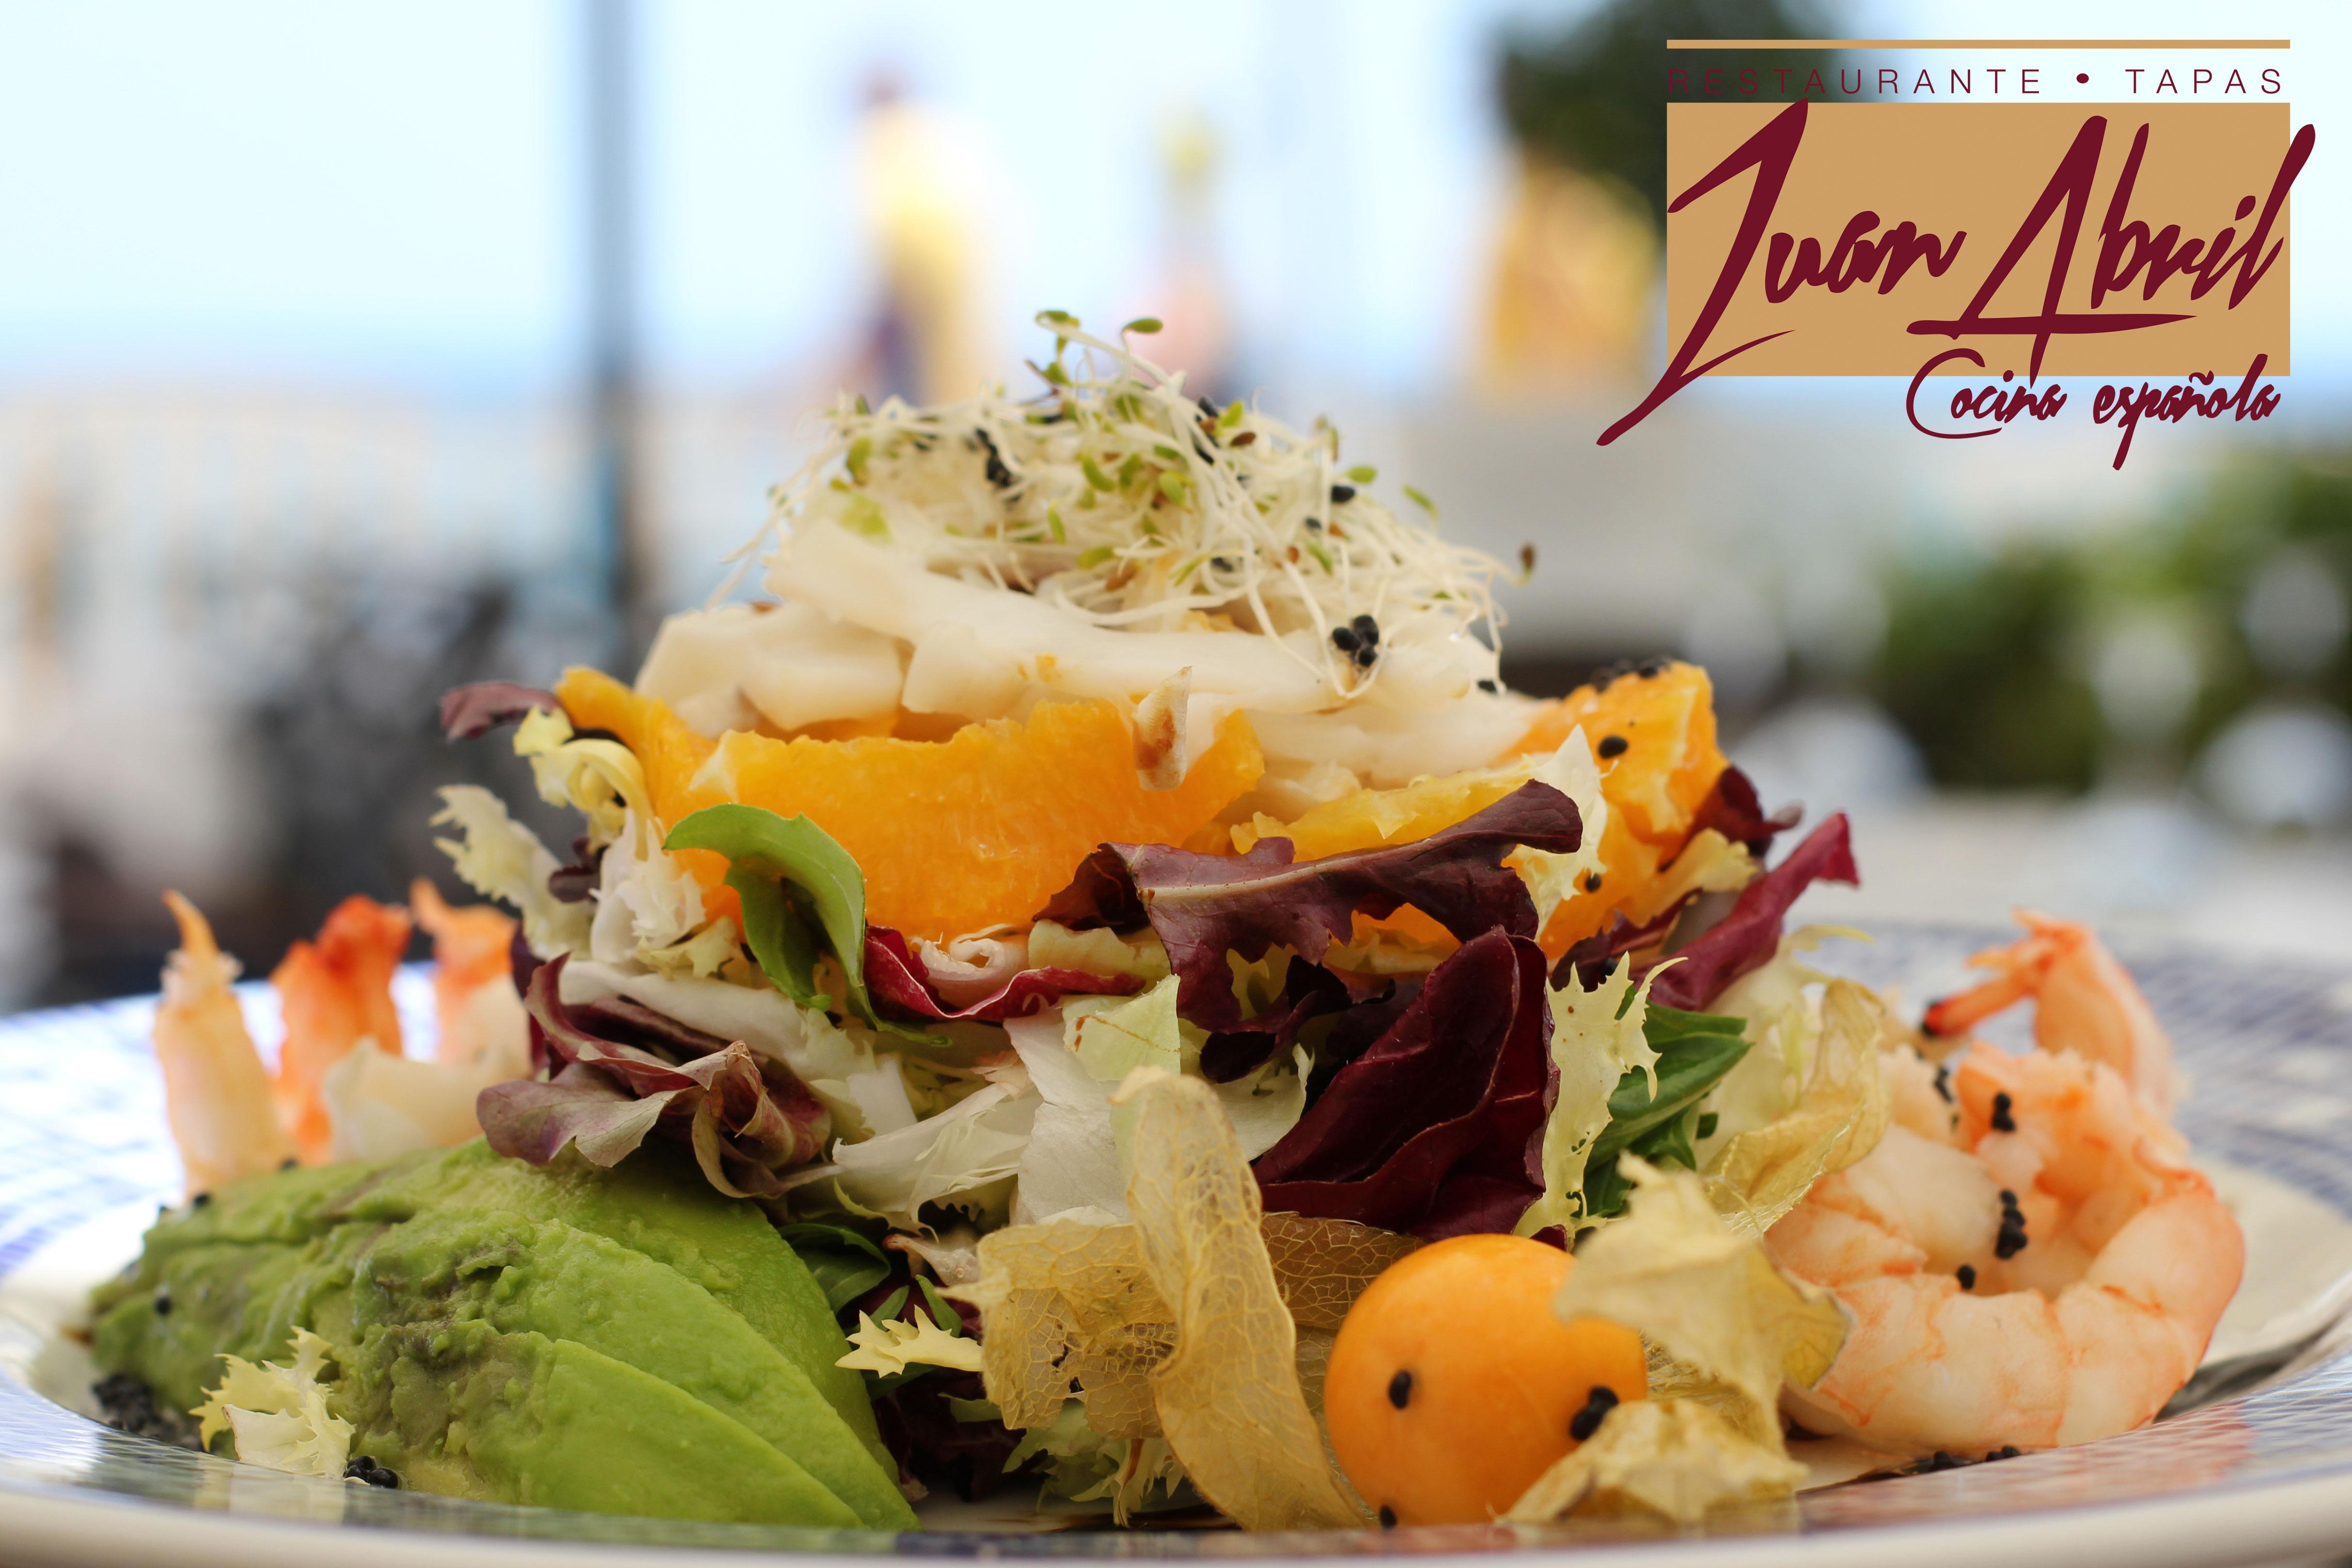 Ensaladas en Restaurante Juan Abril. De la playa a la mesa a comer